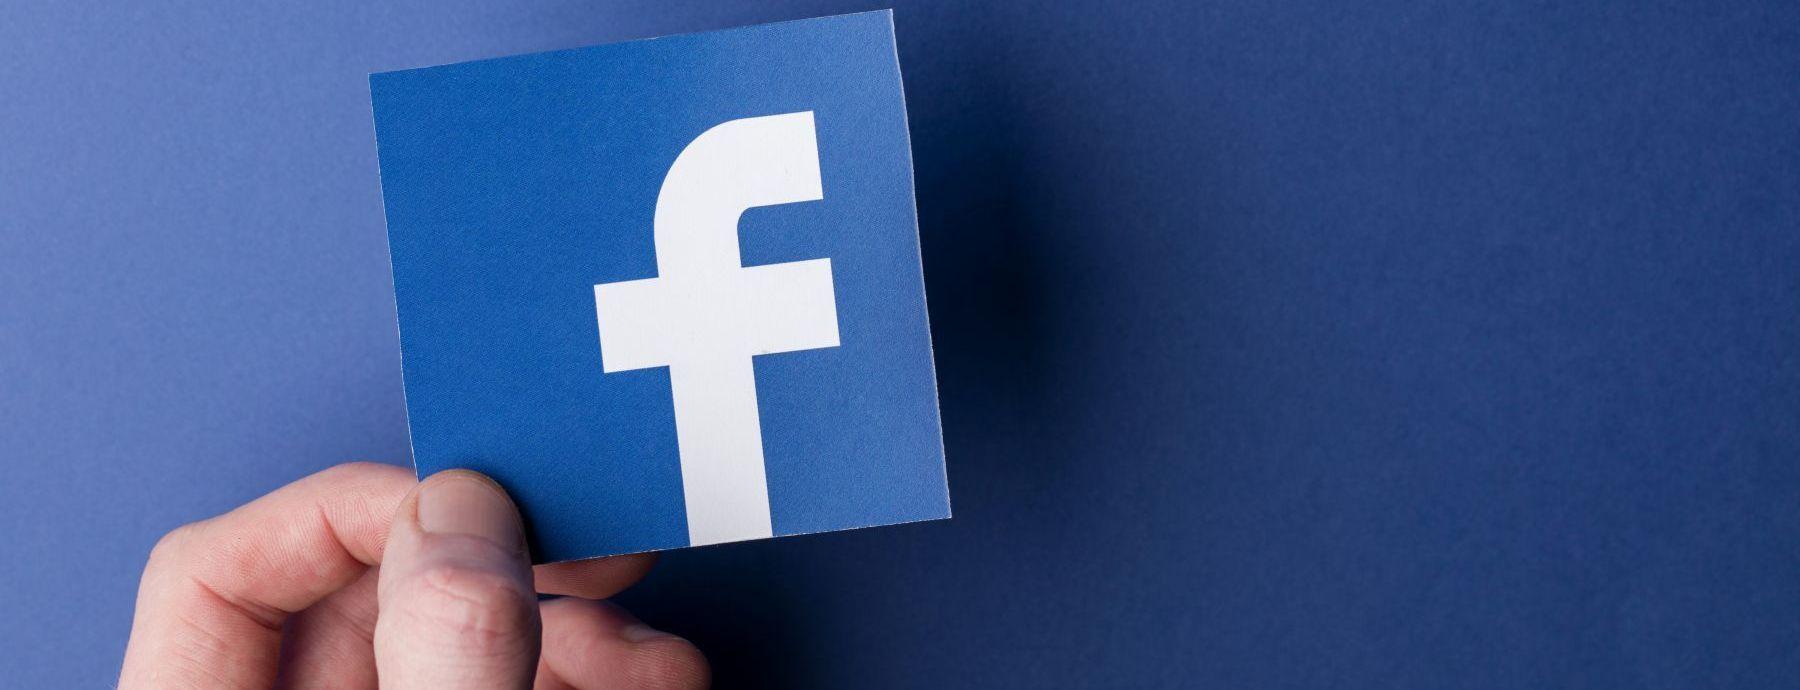 Facebook打擊「假新聞」 成立事實查核機制違規將被砍帳號